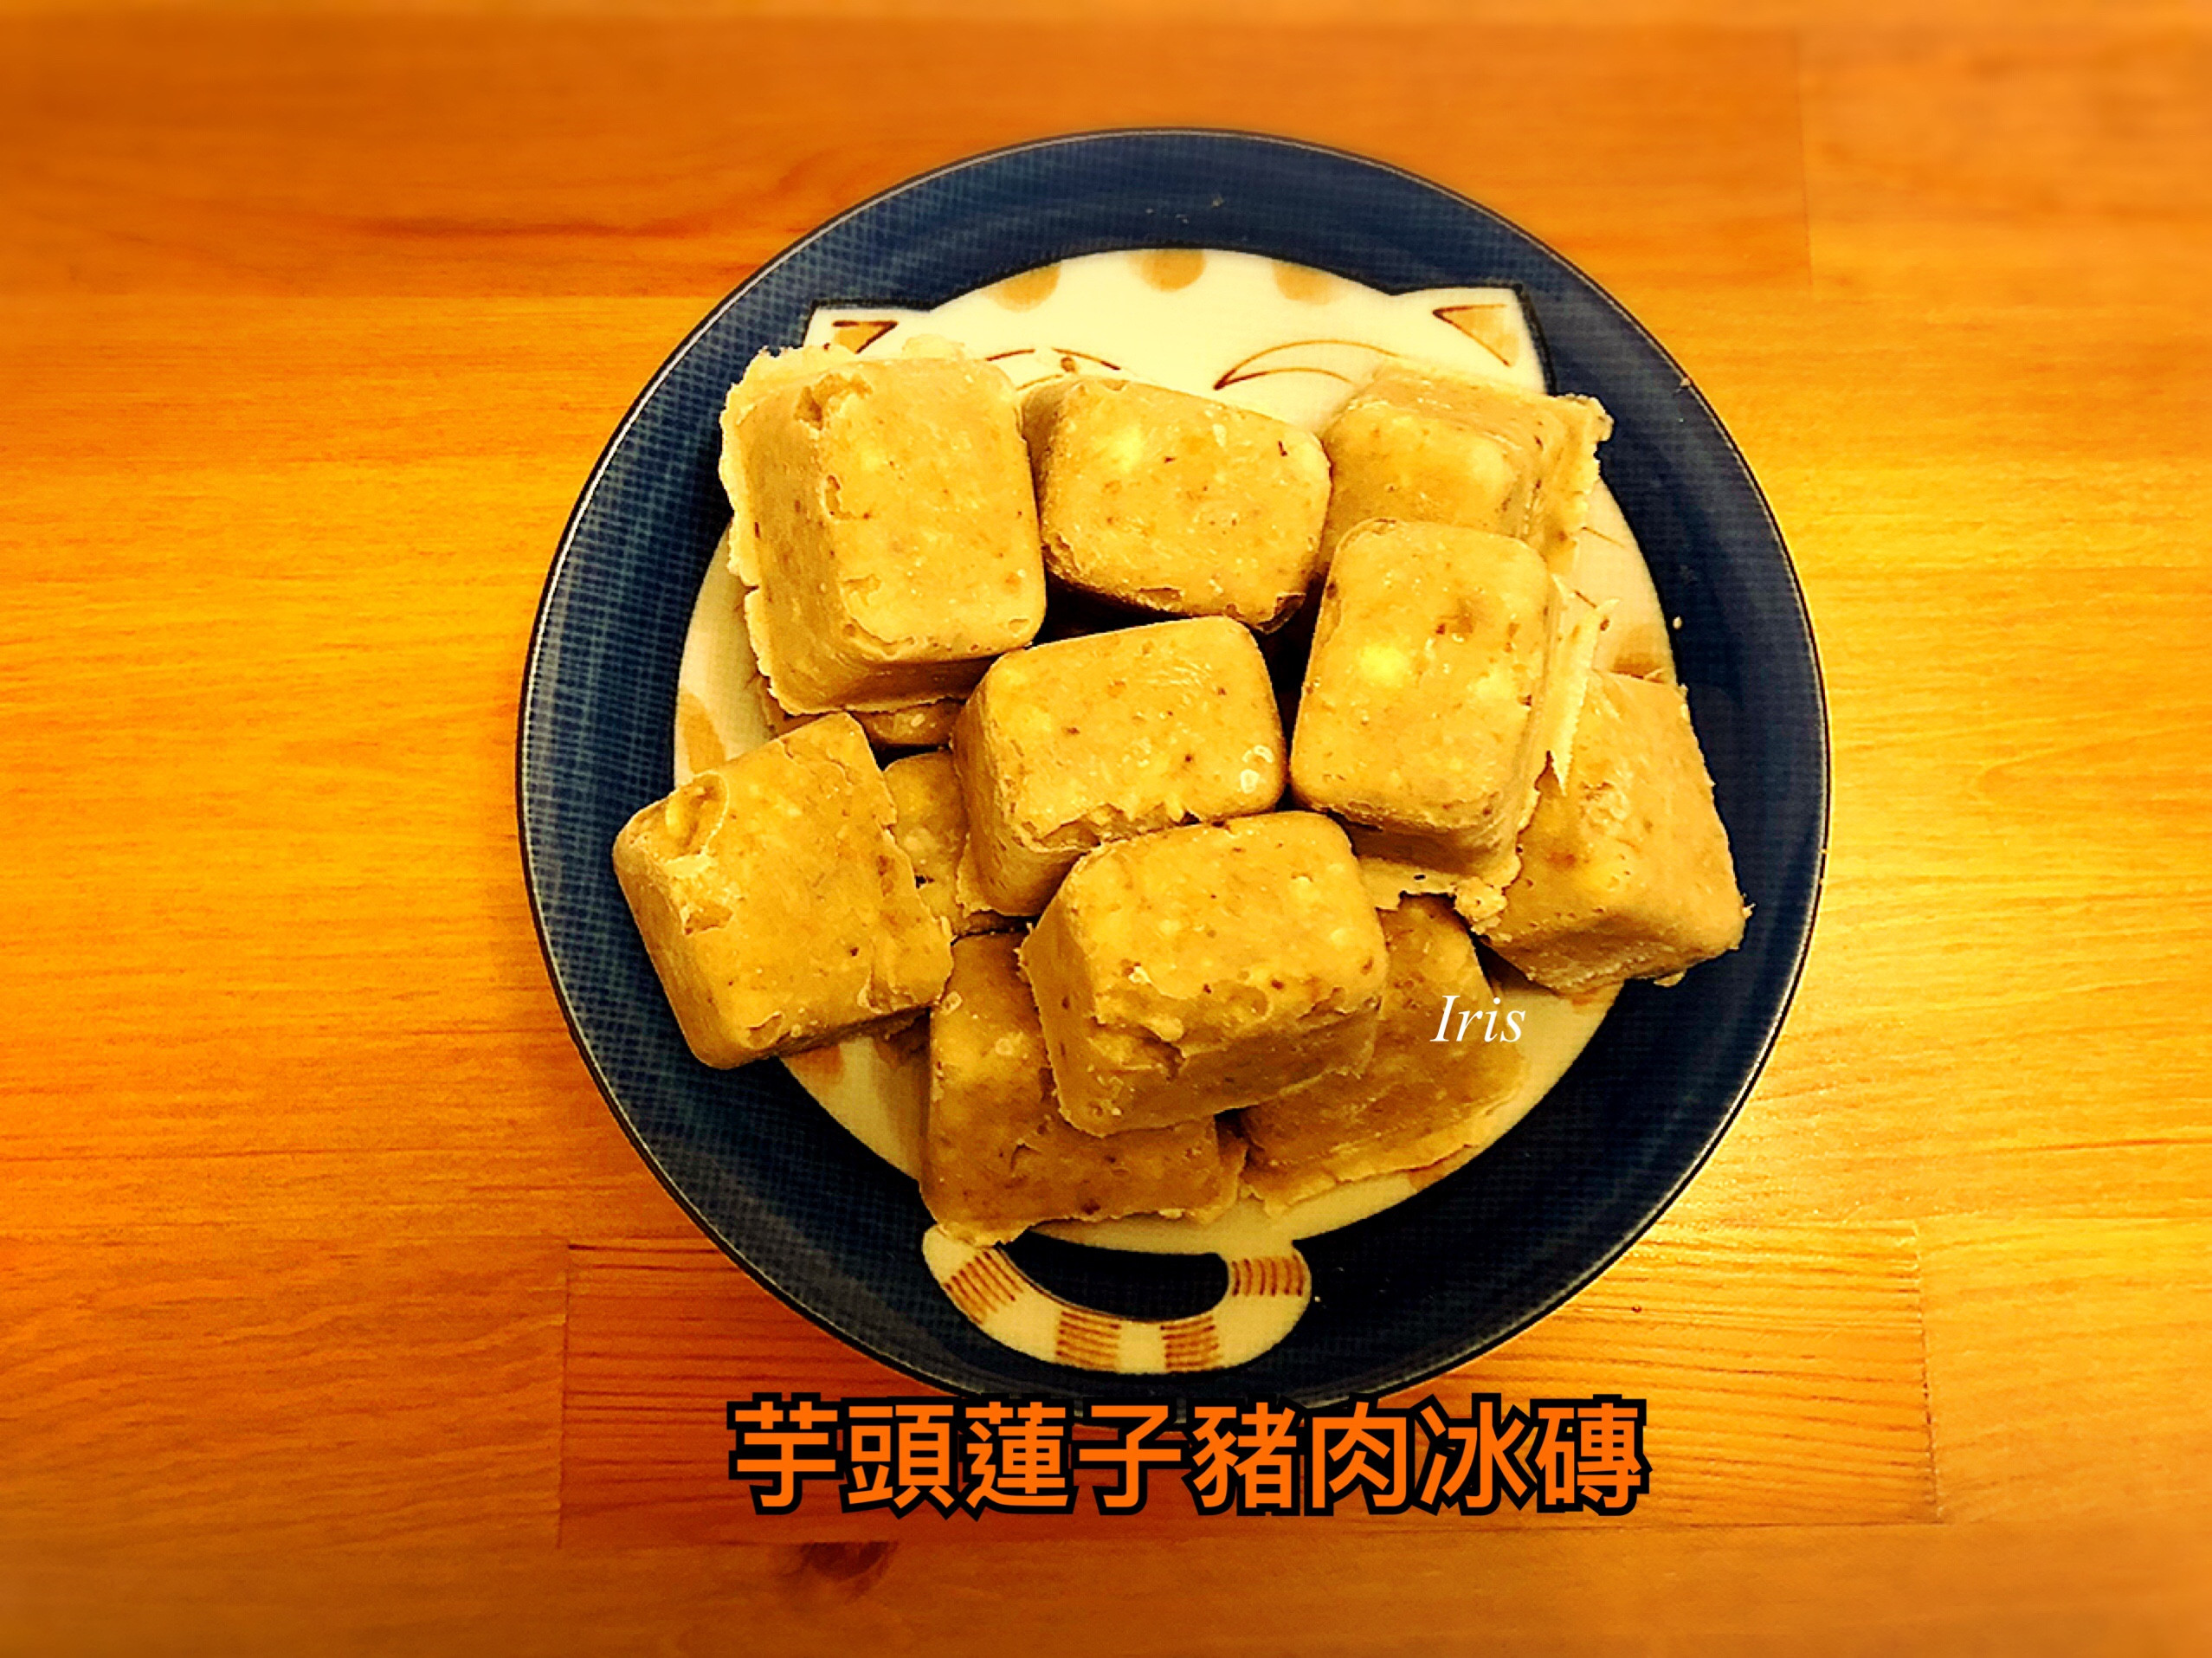 寶寶粥湯底 - 芋頭蓮子豬肉湯